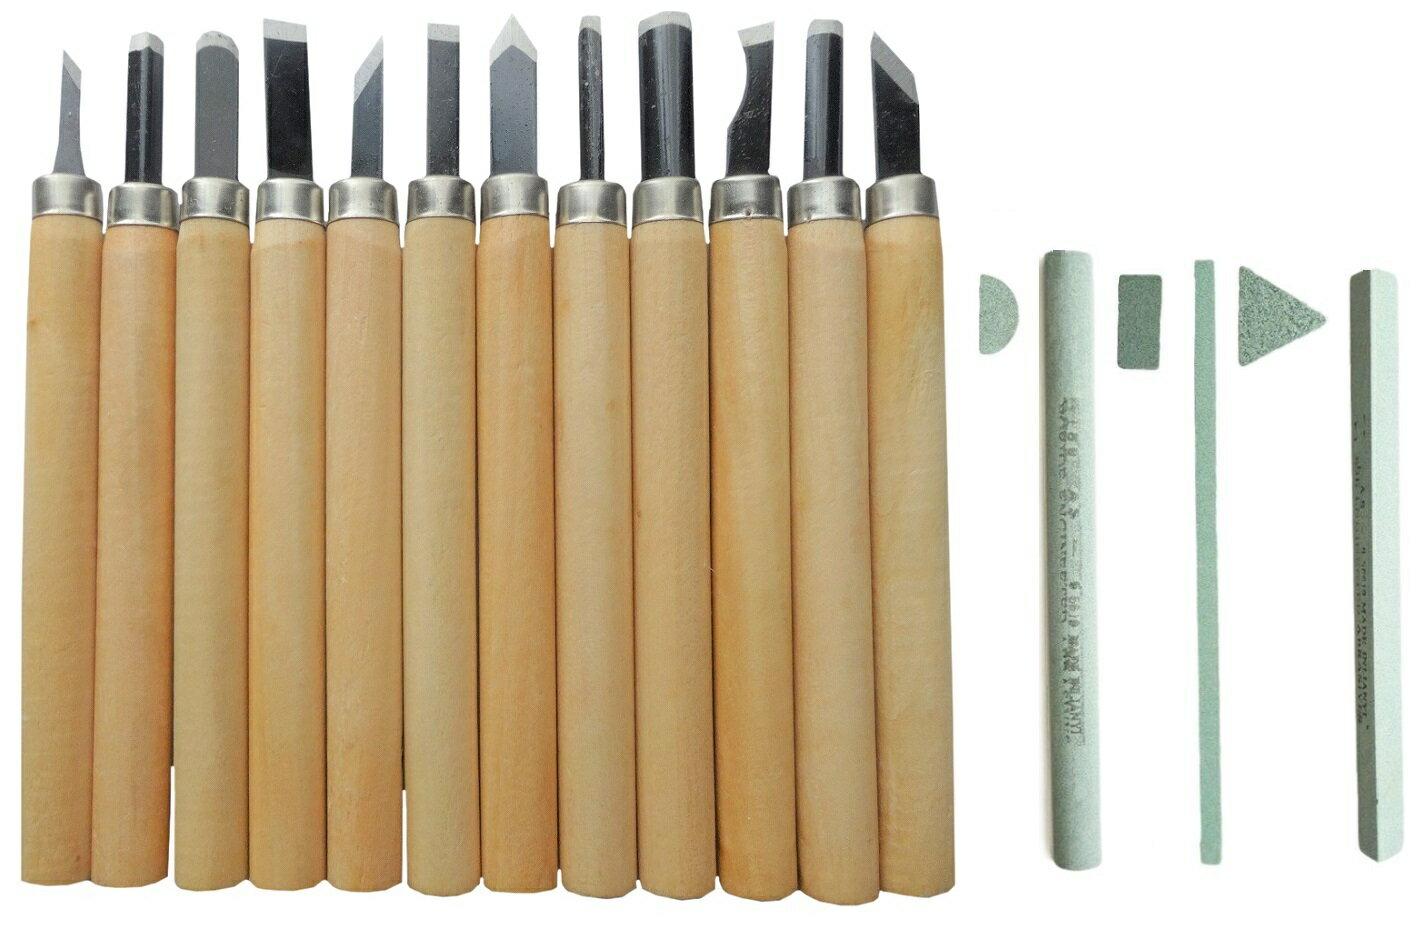 彫刻刀 12本セット 専用砥石3本付き 図工 版画 工作 小学生 送料無料